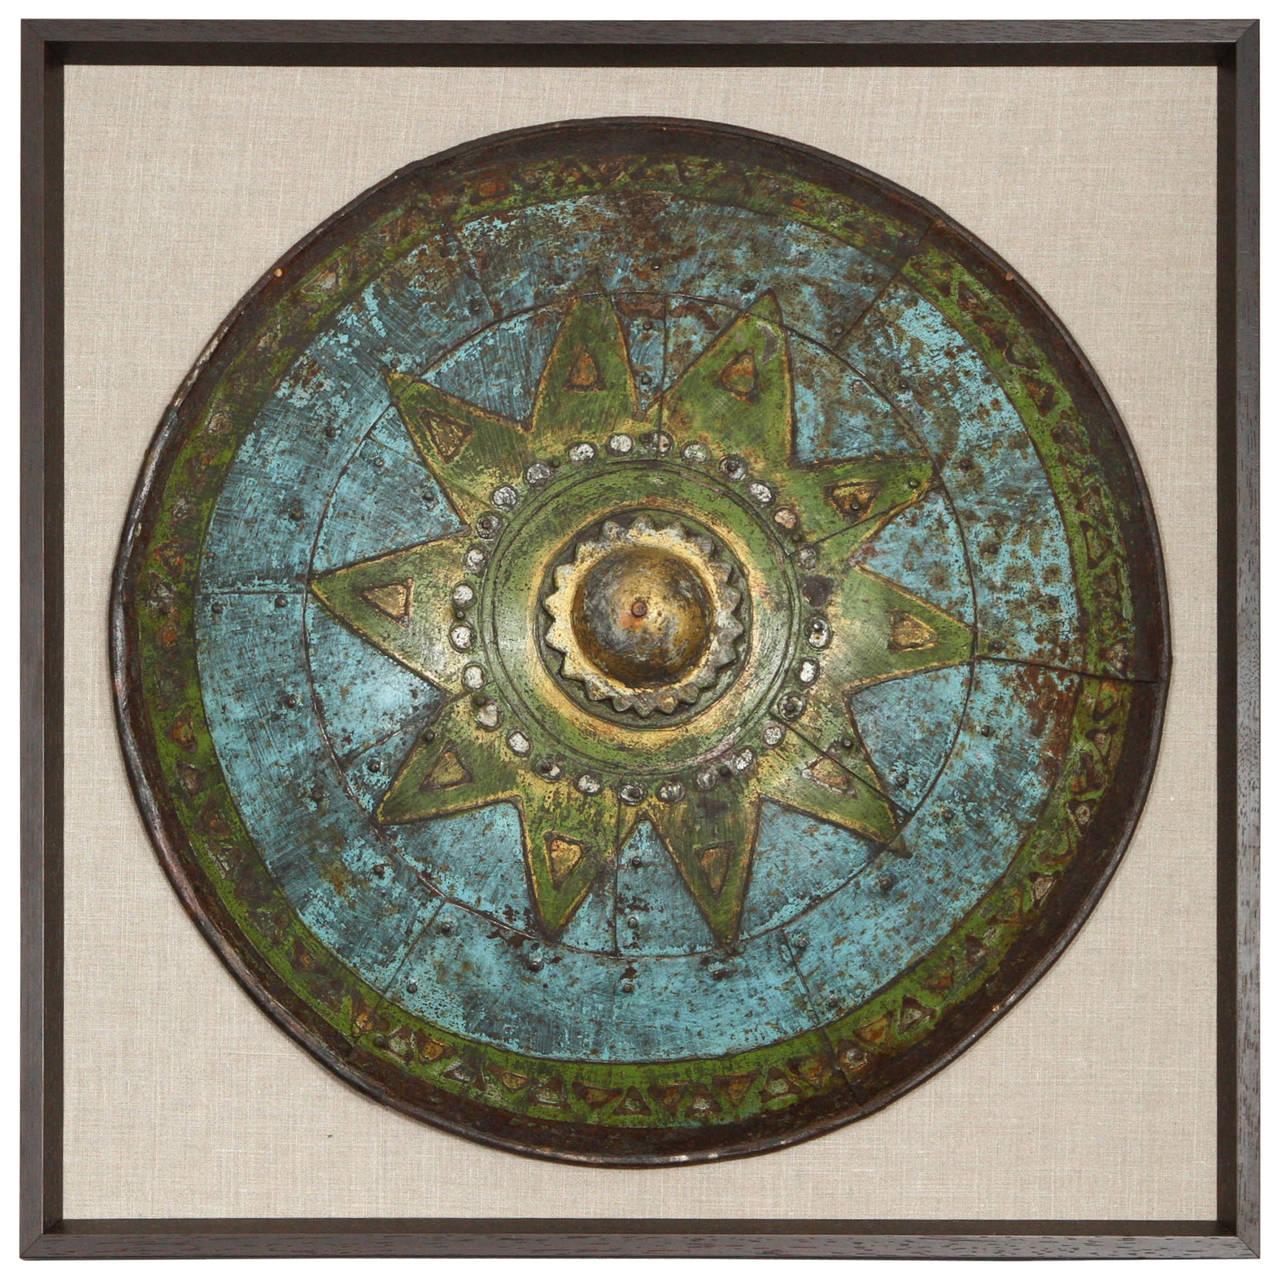 Decorative Shield